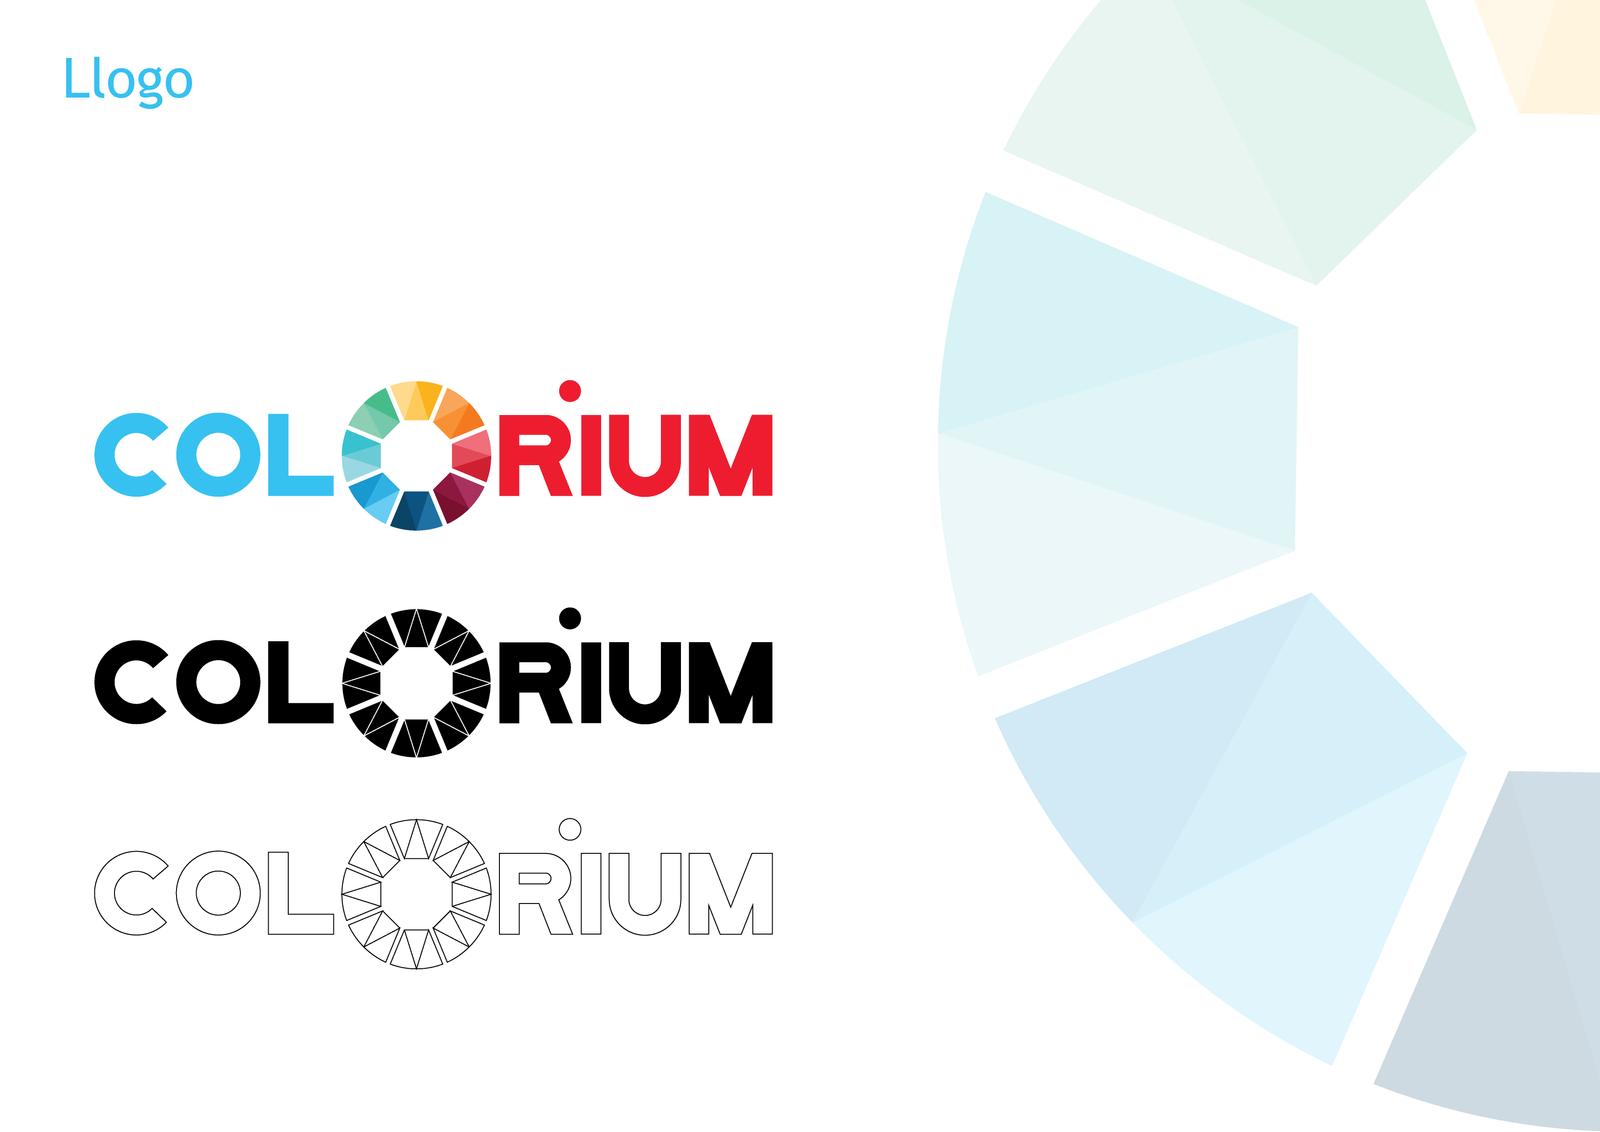 Colorium_Brand_identity-03